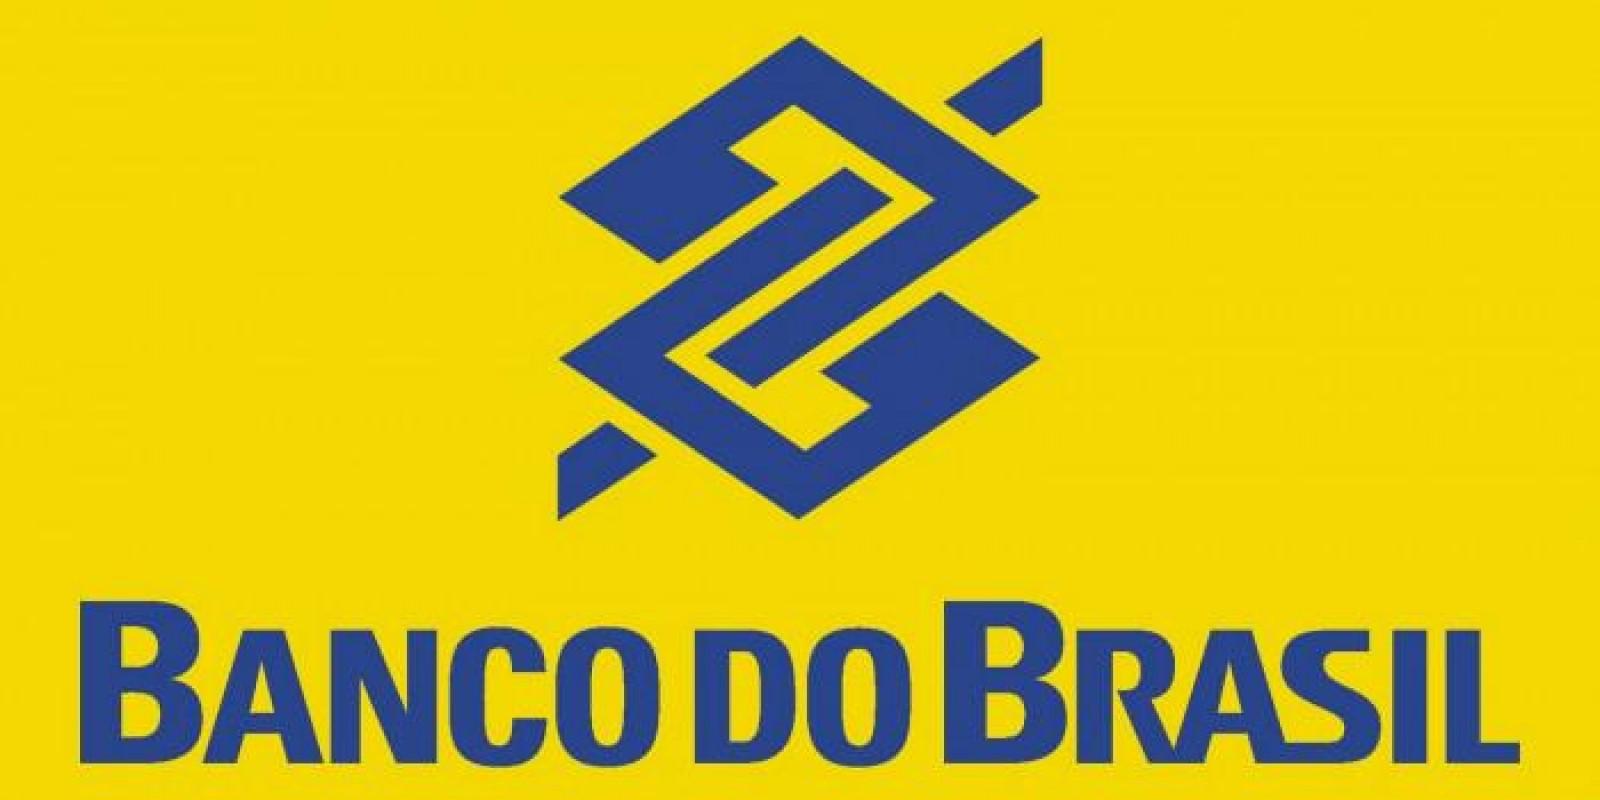 Banco do Brasil cresce em lucro e se apequena em atendimento